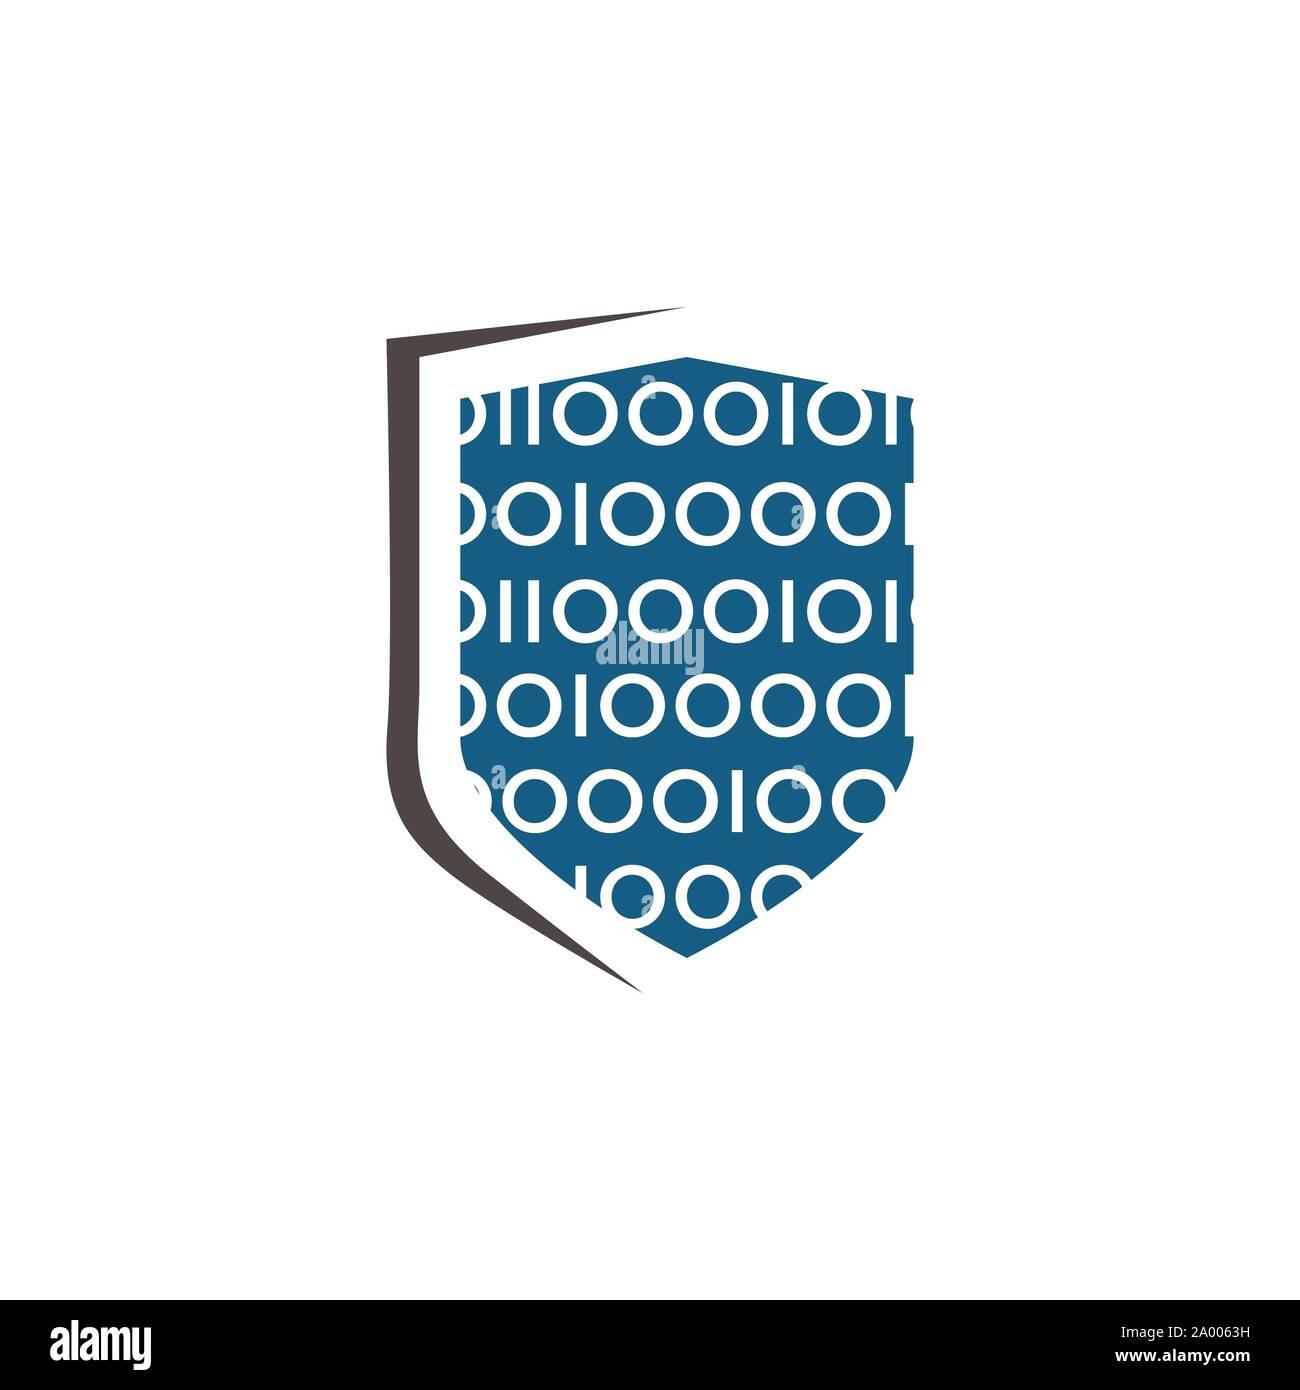 Bouclier logo entreprise, logo de l'entreprise de sécurité prêt à l'emploi. Symbole abstrait de la sécurité. Logo de l'écran. Icône de bouclier. Logo de sécurité. Vector icône de bouclier Illustration de Vecteur